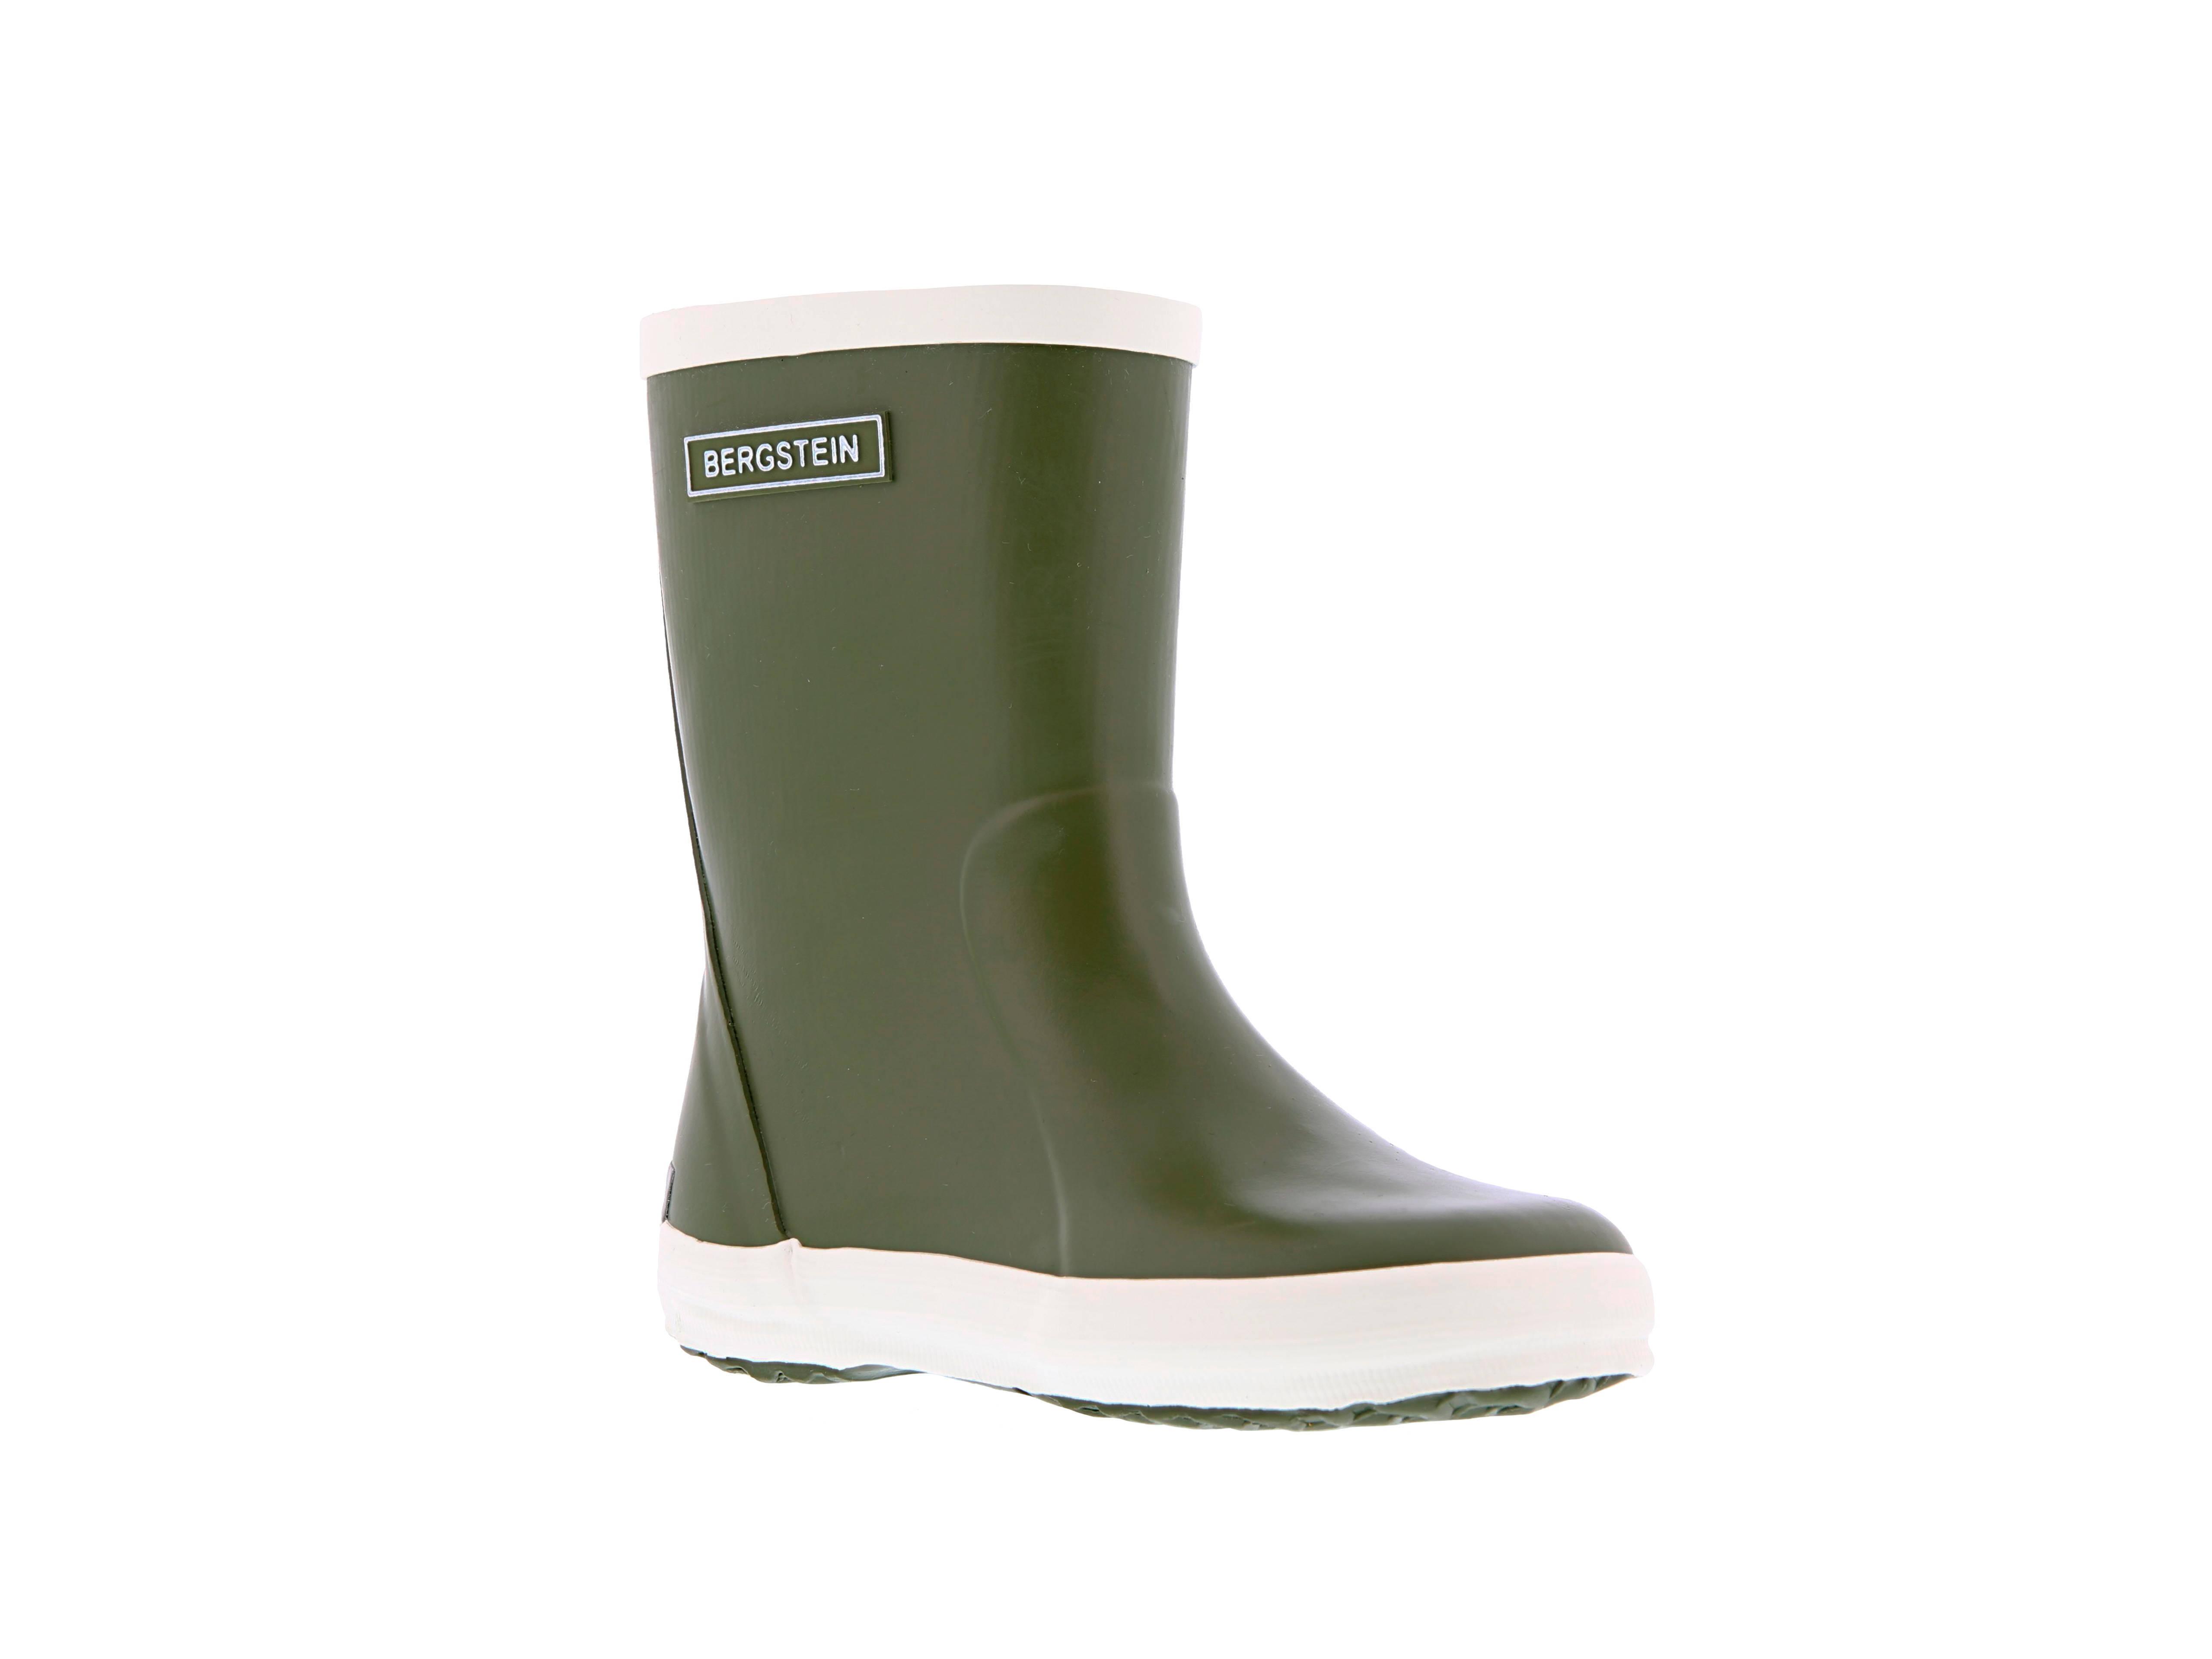 Bergstein Regenlaarzen K130001-541110541 Groen-24 maat 24 online kopen